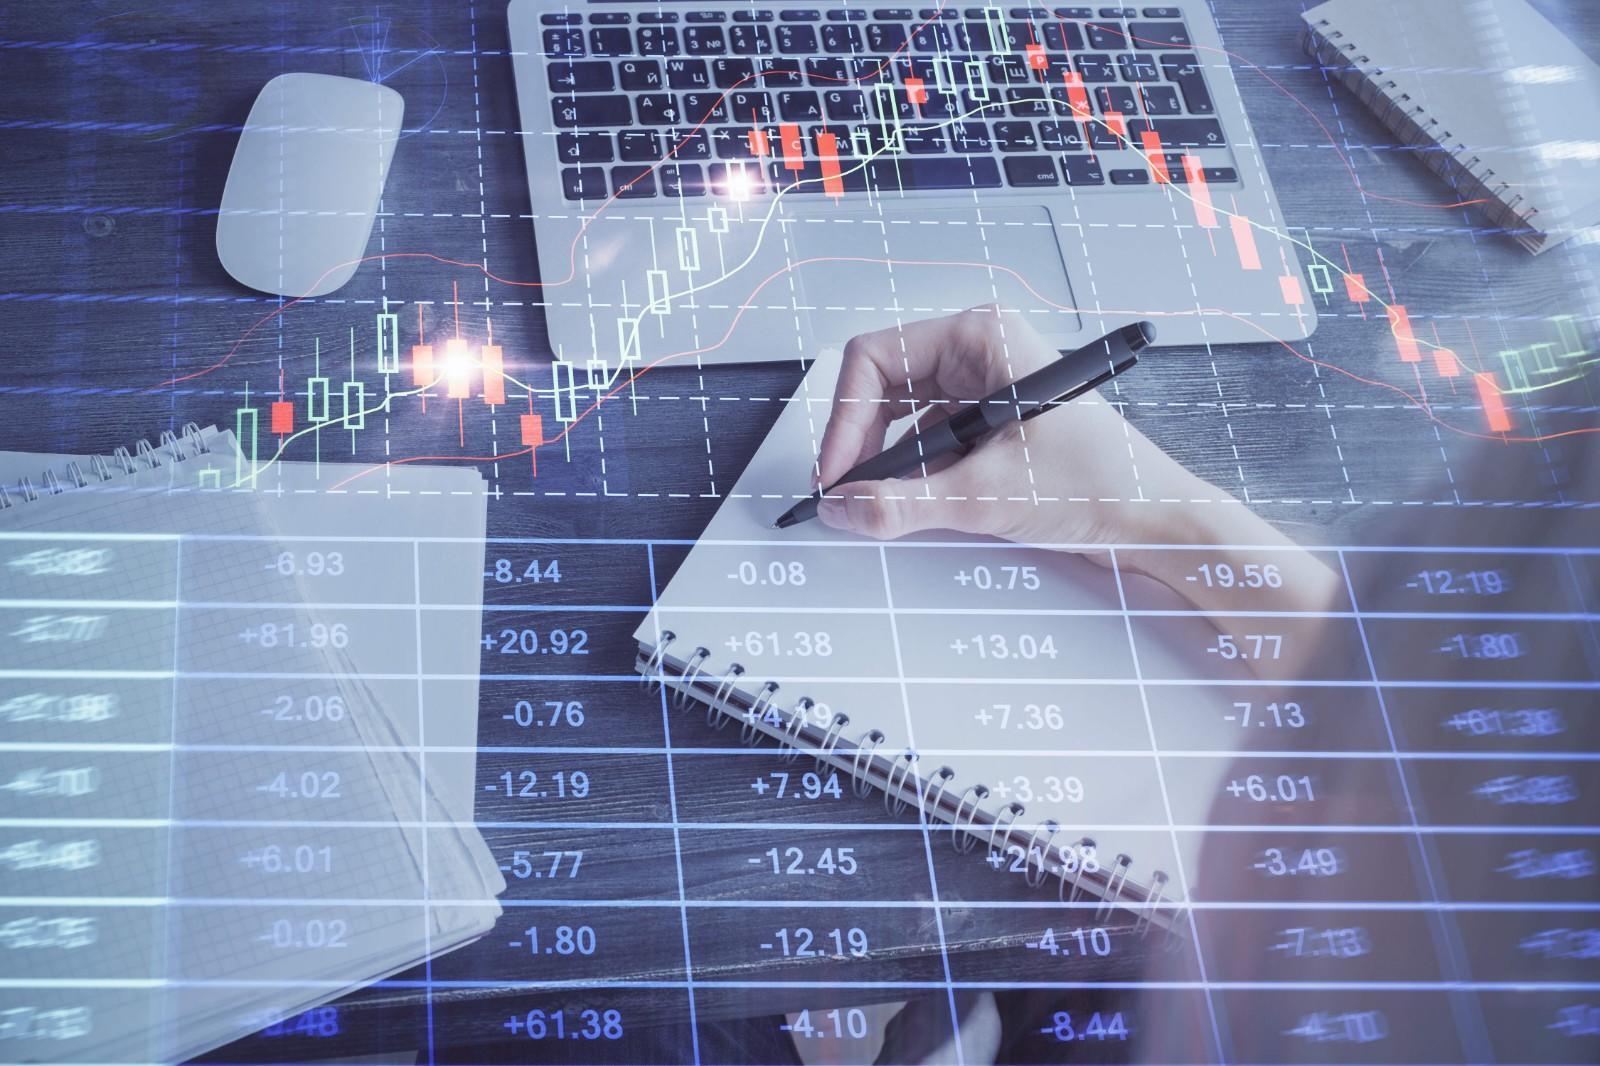 股指期货交易软件能为交易者带来什么?